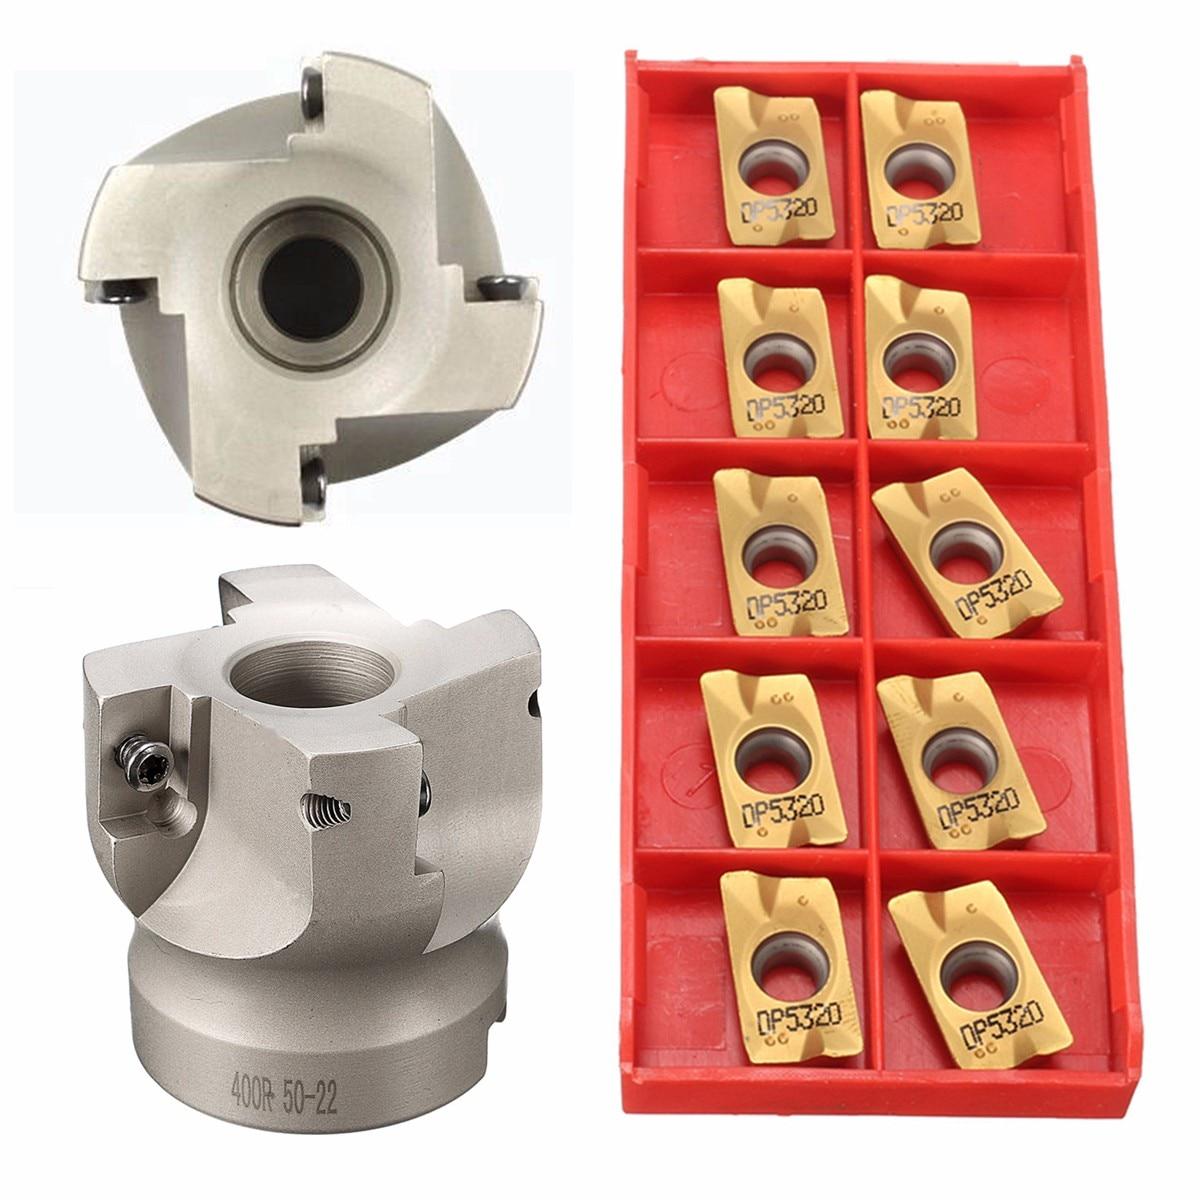 1 комплект 50 мм, прецизионные фрезерные инструменты с 4 фрезами, с 10 вставками APMT1604 + гаечный ключ T15